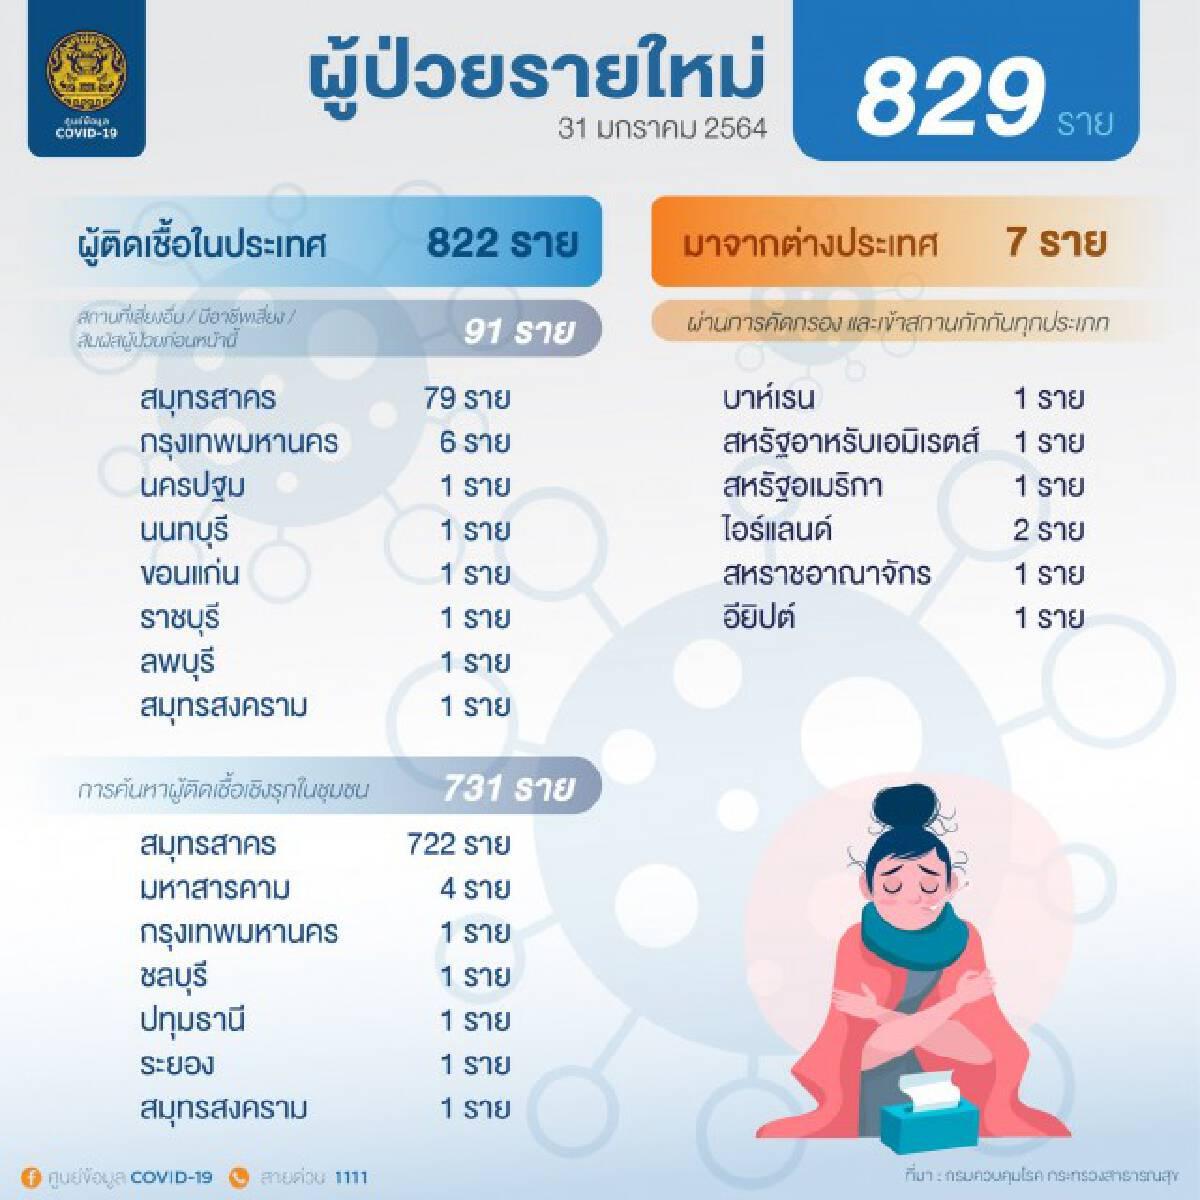 ศบค.เผยไทยติดโควิดเพิ่ม 829 ราย ยอดรวมทะลุ 18,000 ราย